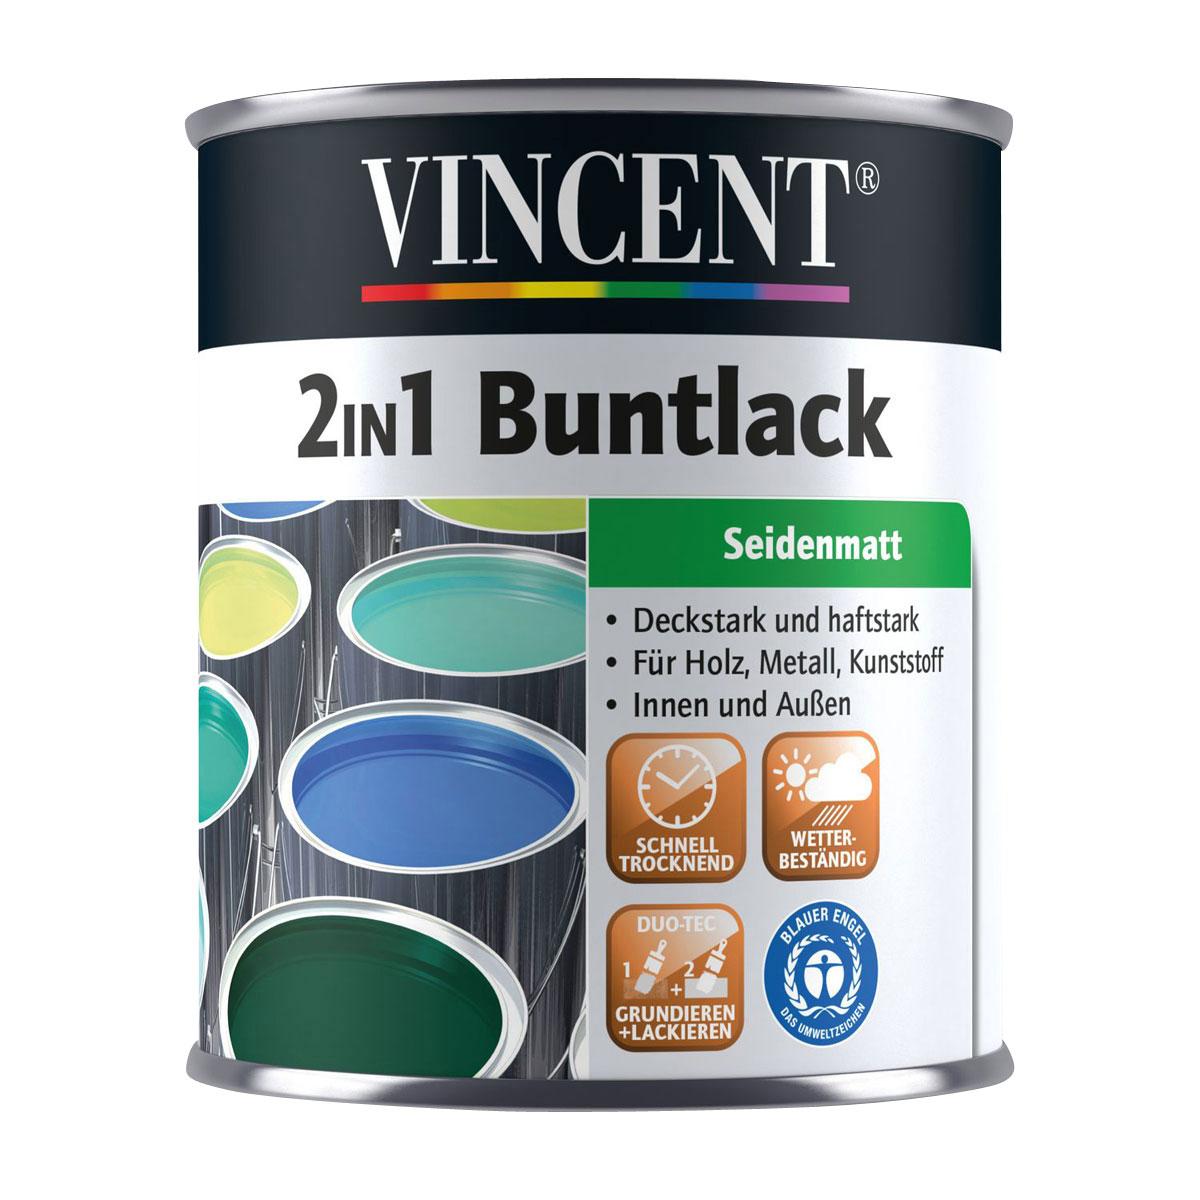 Vincent 2in1 Buntlack